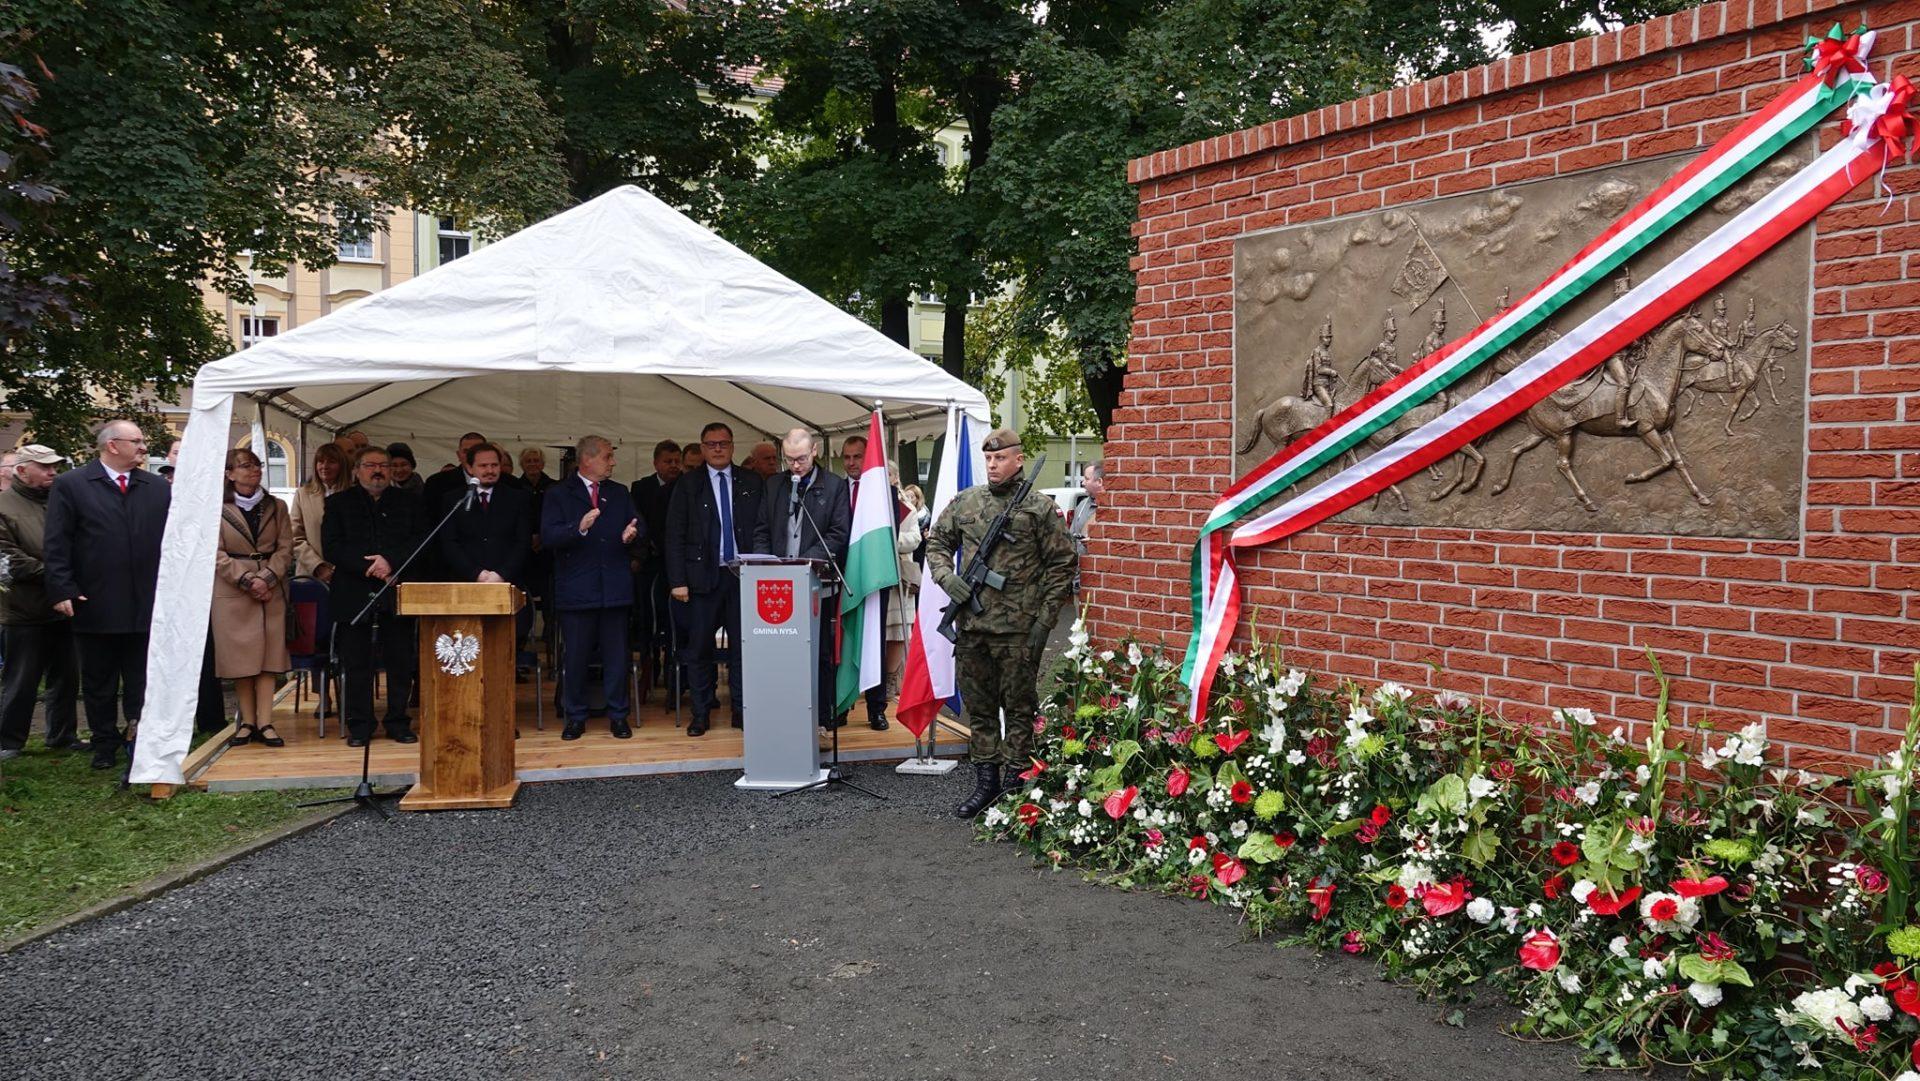 W Nysie pielęgnujemy polsko-węgierską przyjaźń